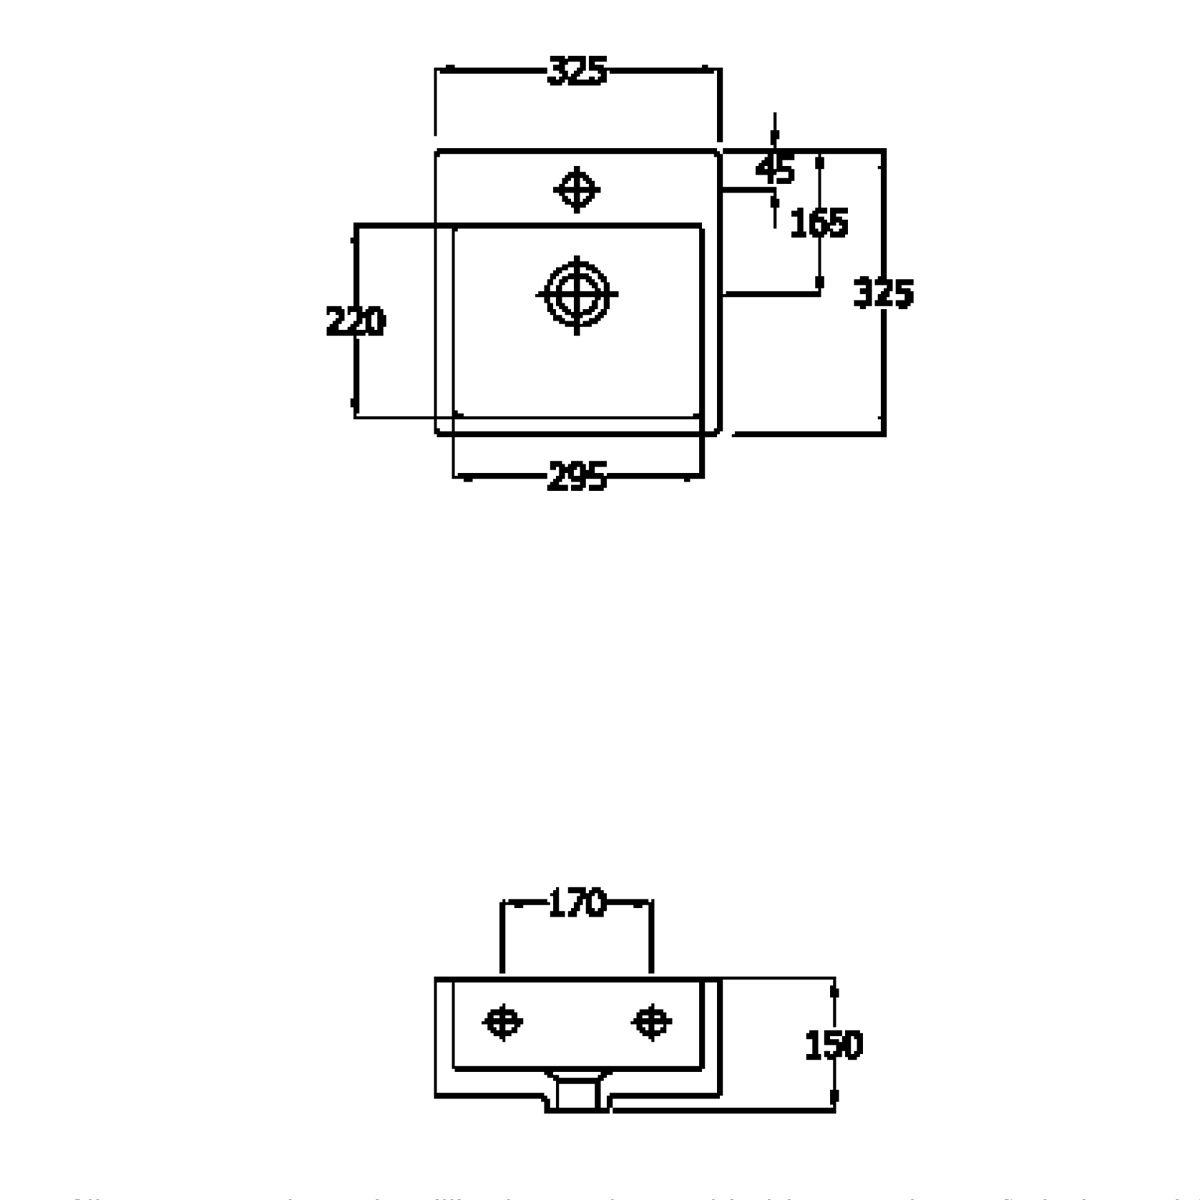 RAK Nova Mini 1 Tap Hole Basin Measurements